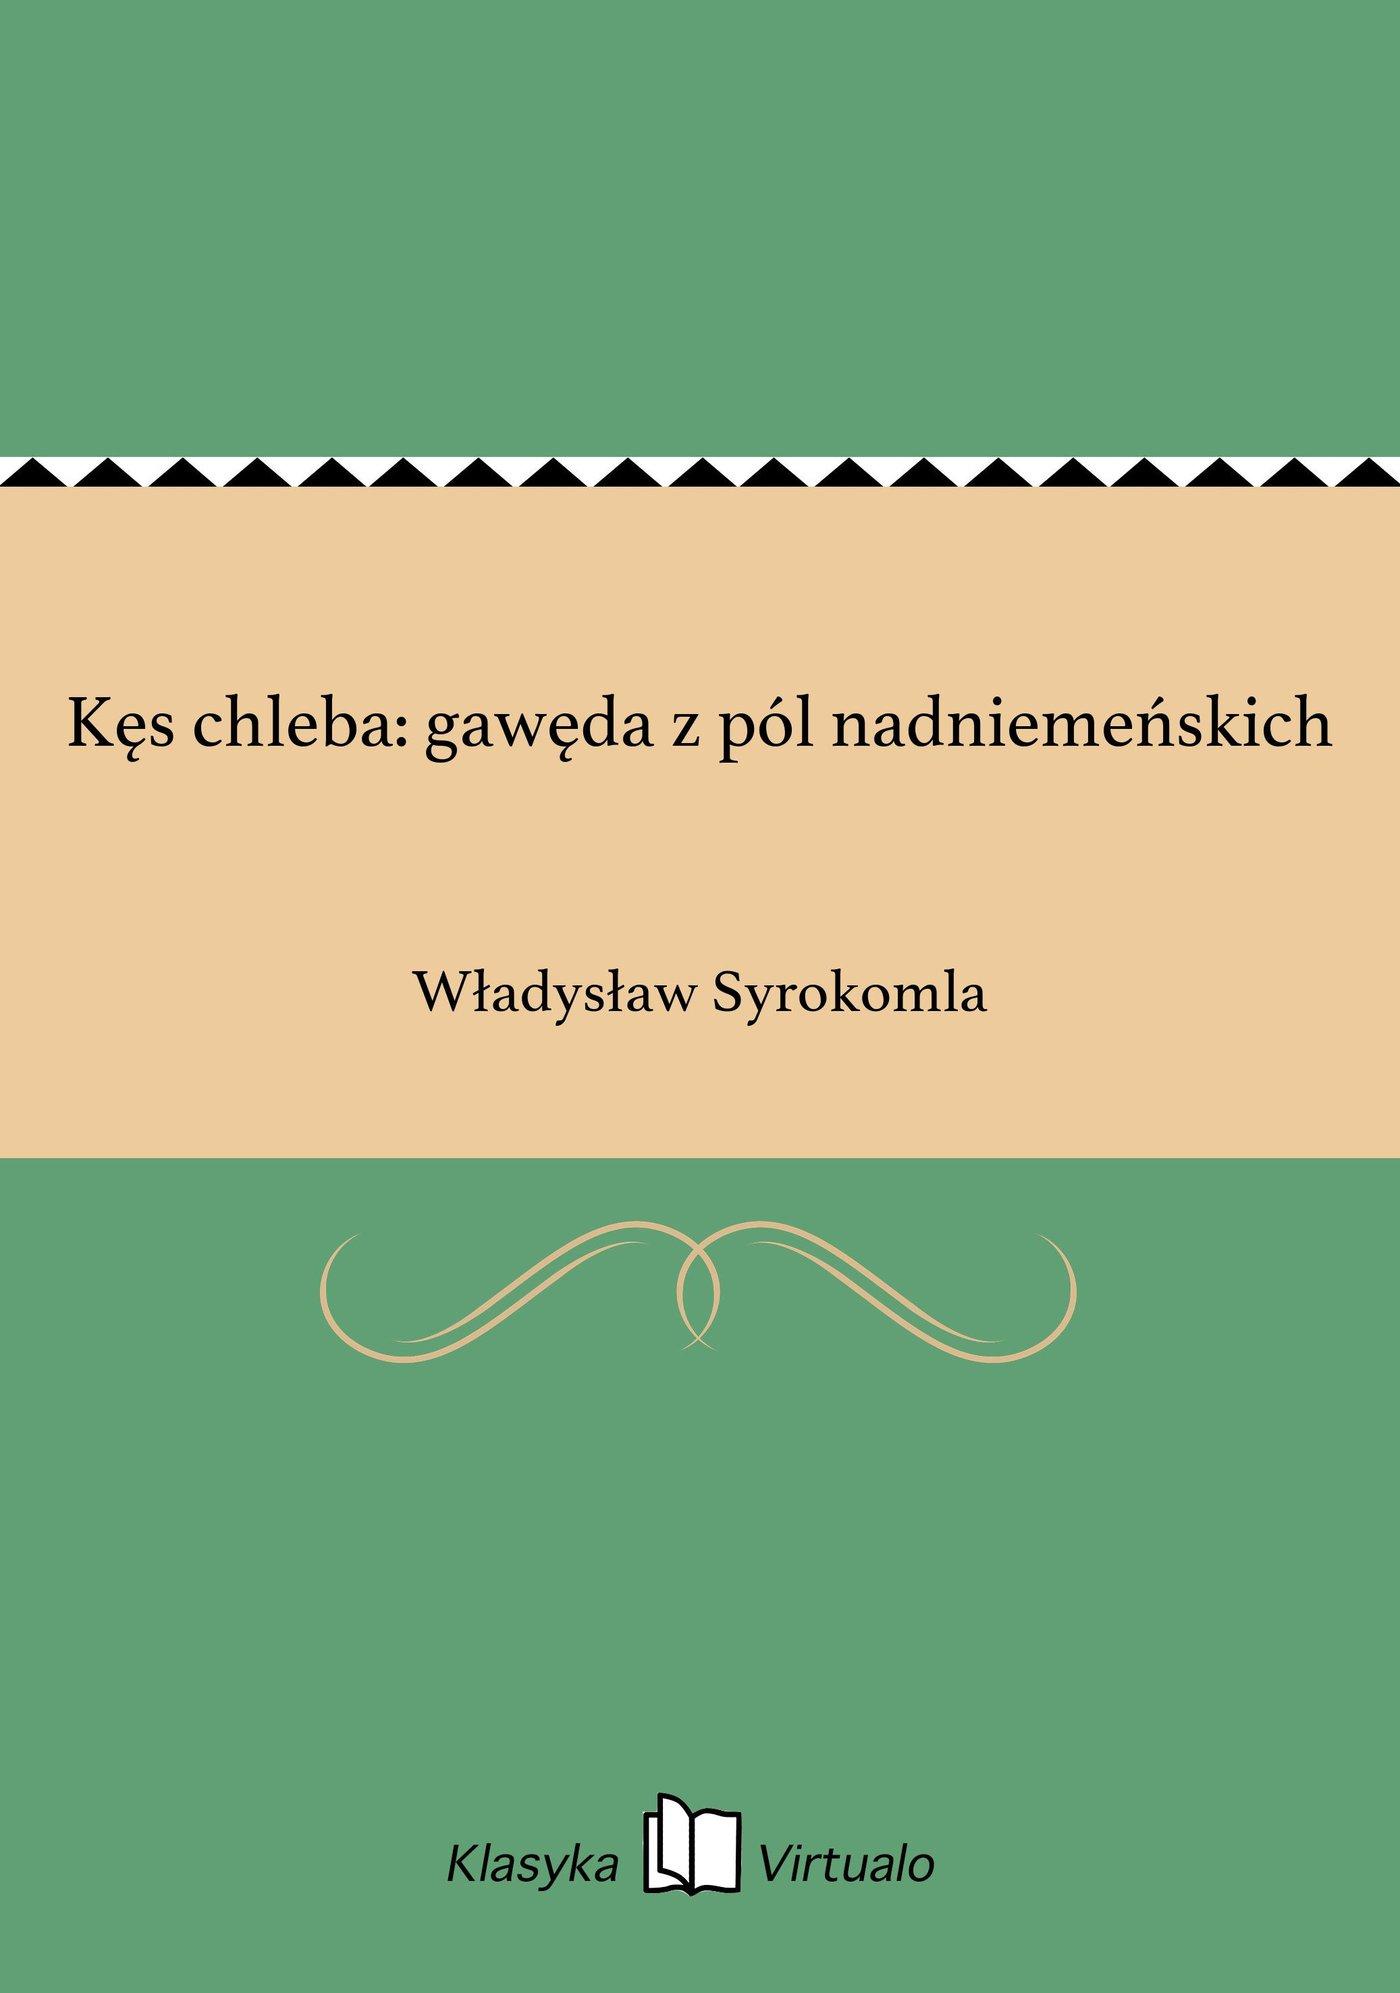 Kęs chleba: gawęda z pól nadniemeńskich - Ebook (Książka EPUB) do pobrania w formacie EPUB